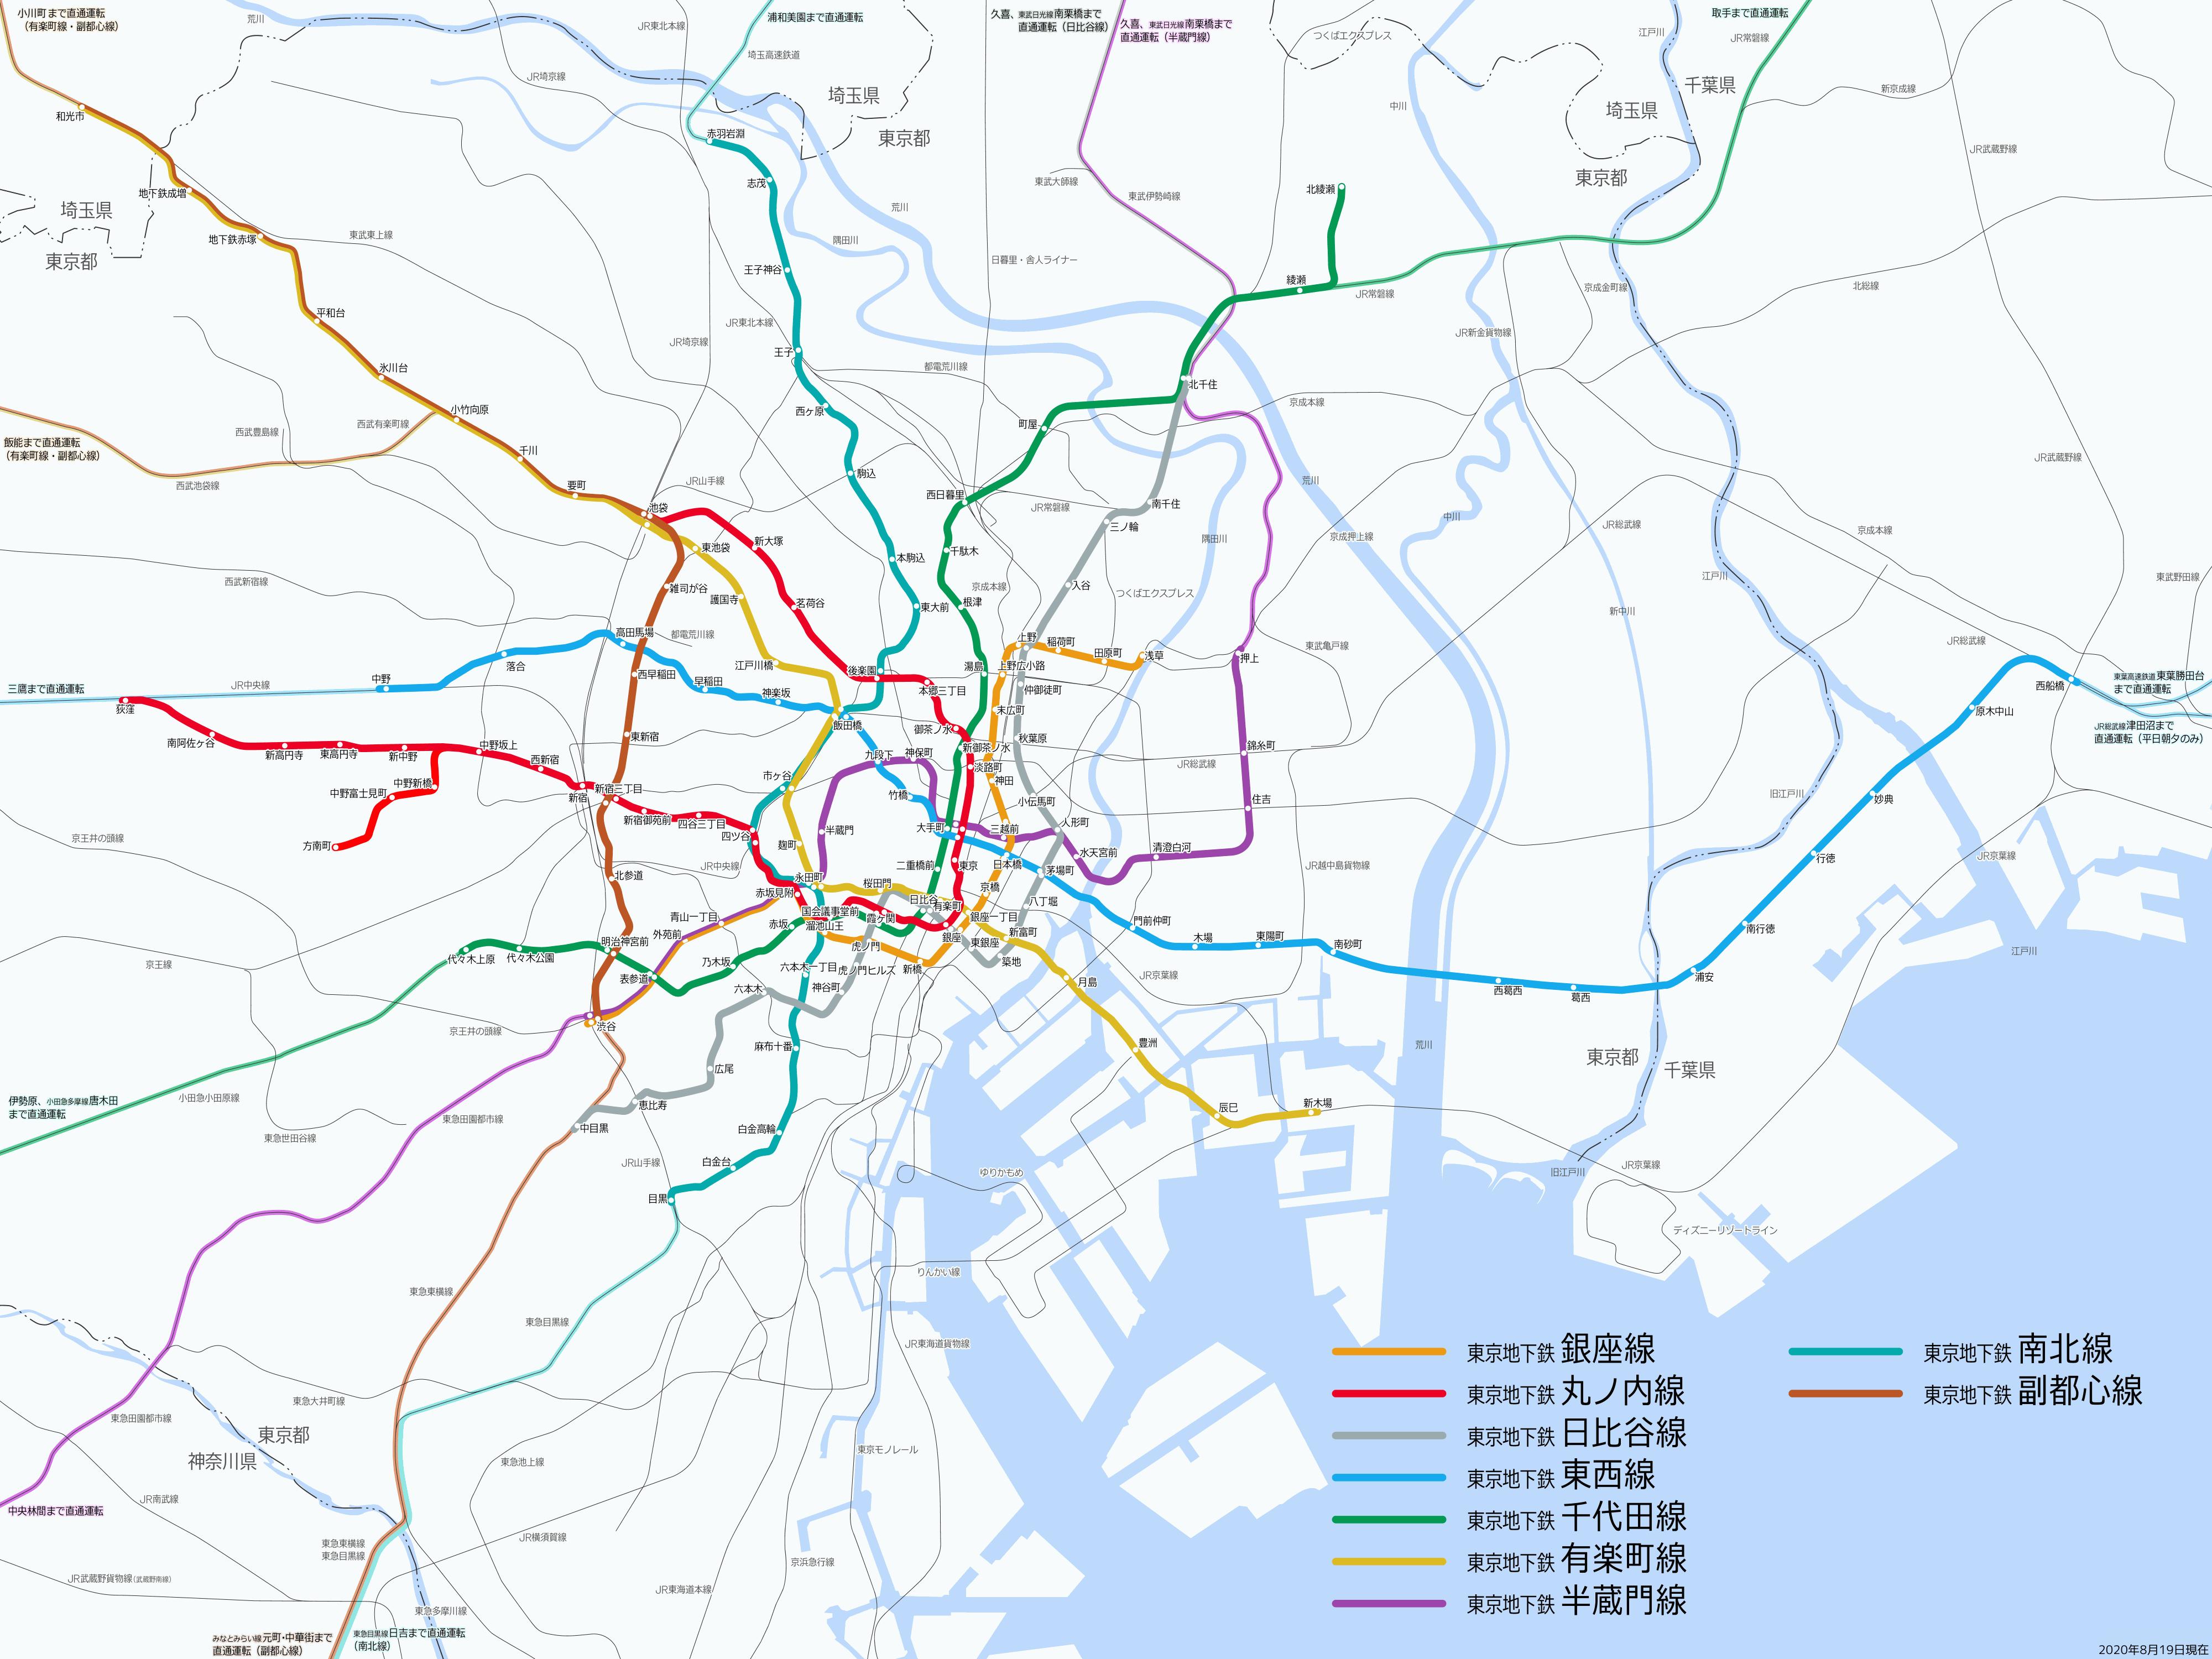 Tokyo metro map ja - Tokyo Metro lines.png